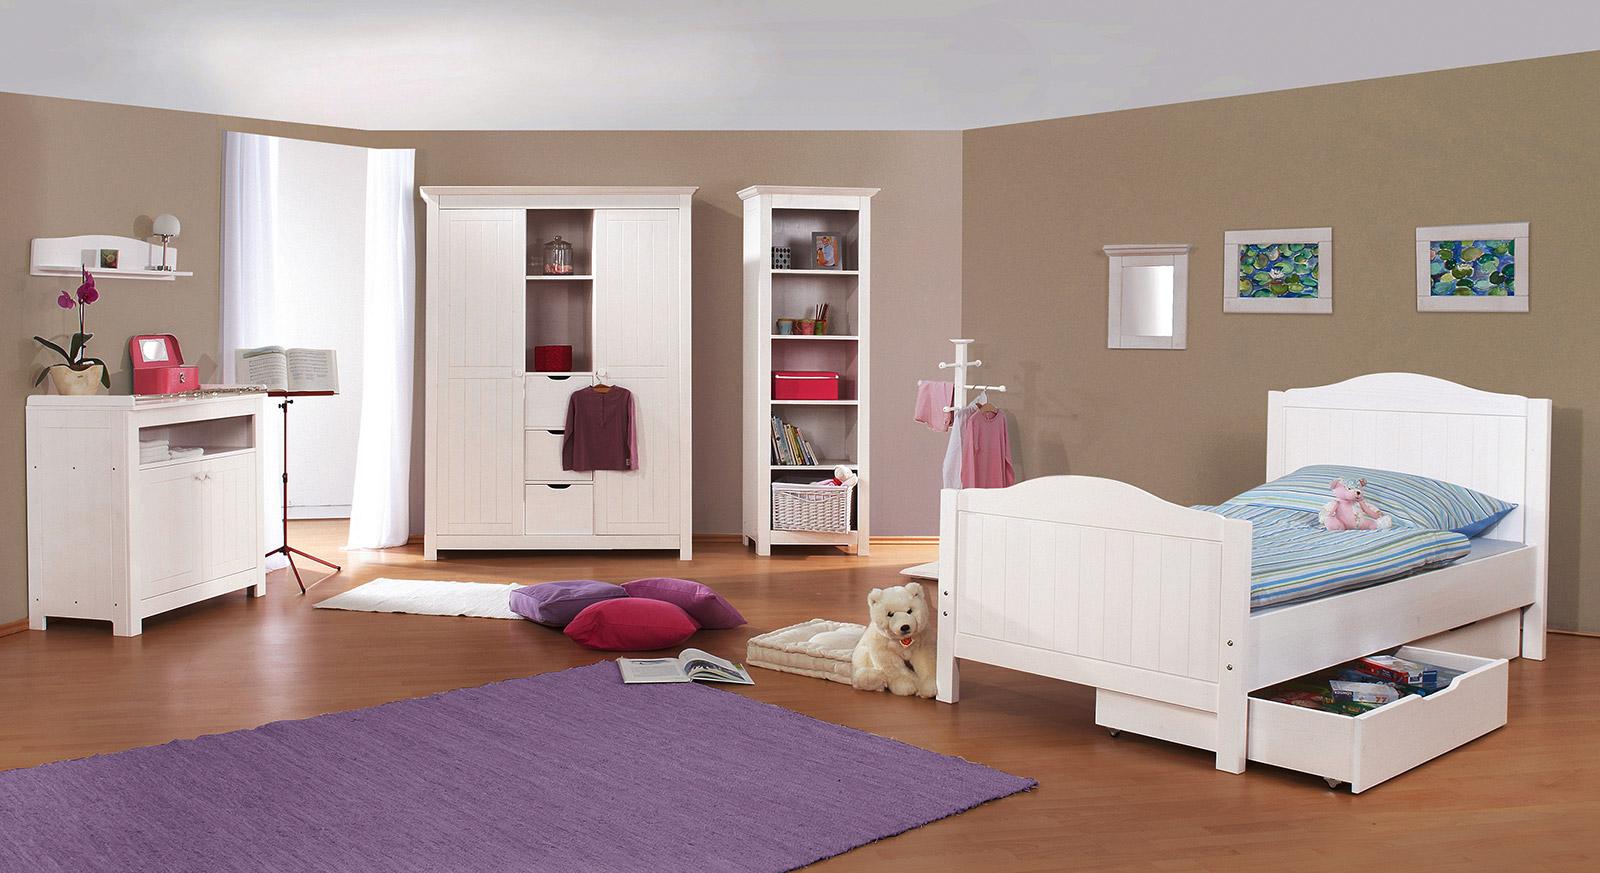 Kleiderschrank fürs Kinderzimmer aus weißer Fichte - Nina